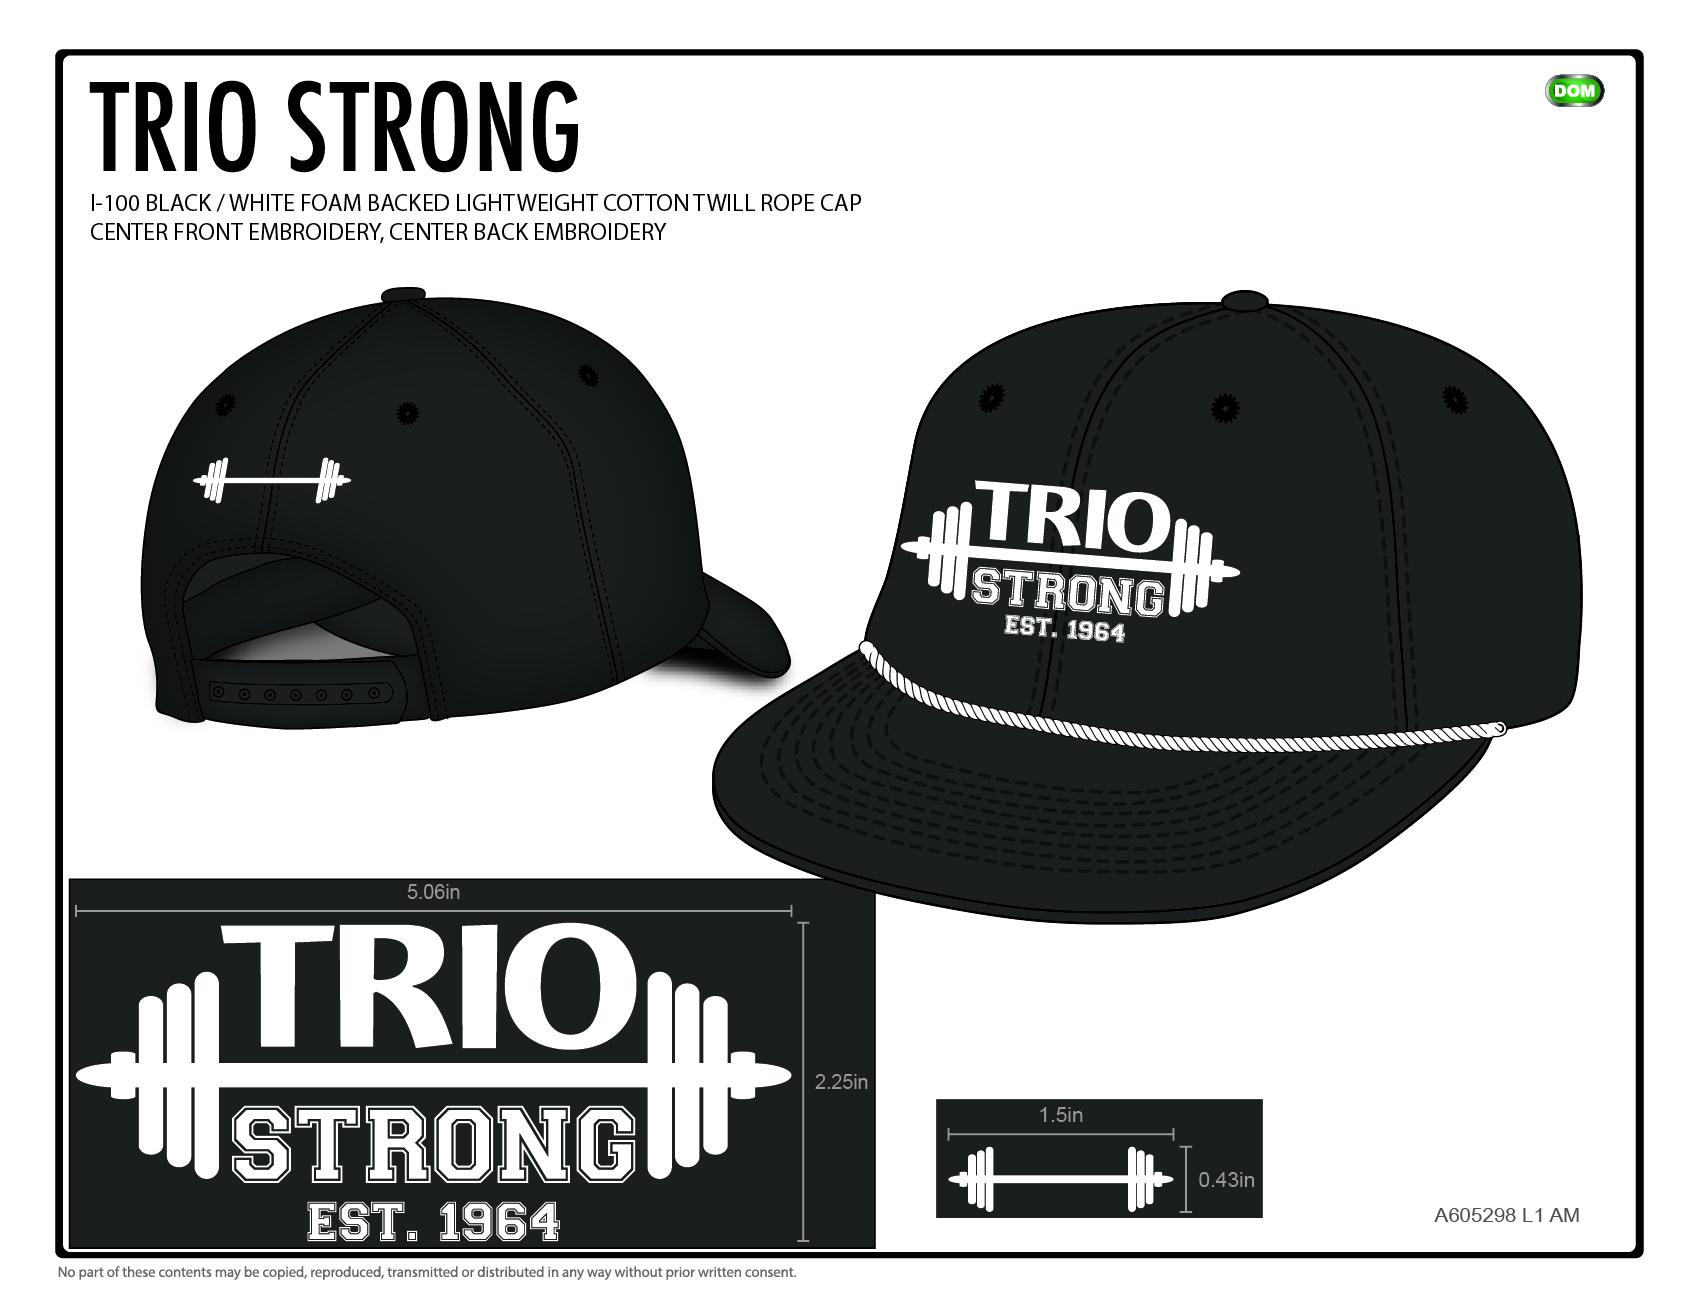 New TRIO Cap Designs  sc 1 st  Proforma TRIO Ideas & New TRIO Cap Designs | Proforma TRIO Ideas